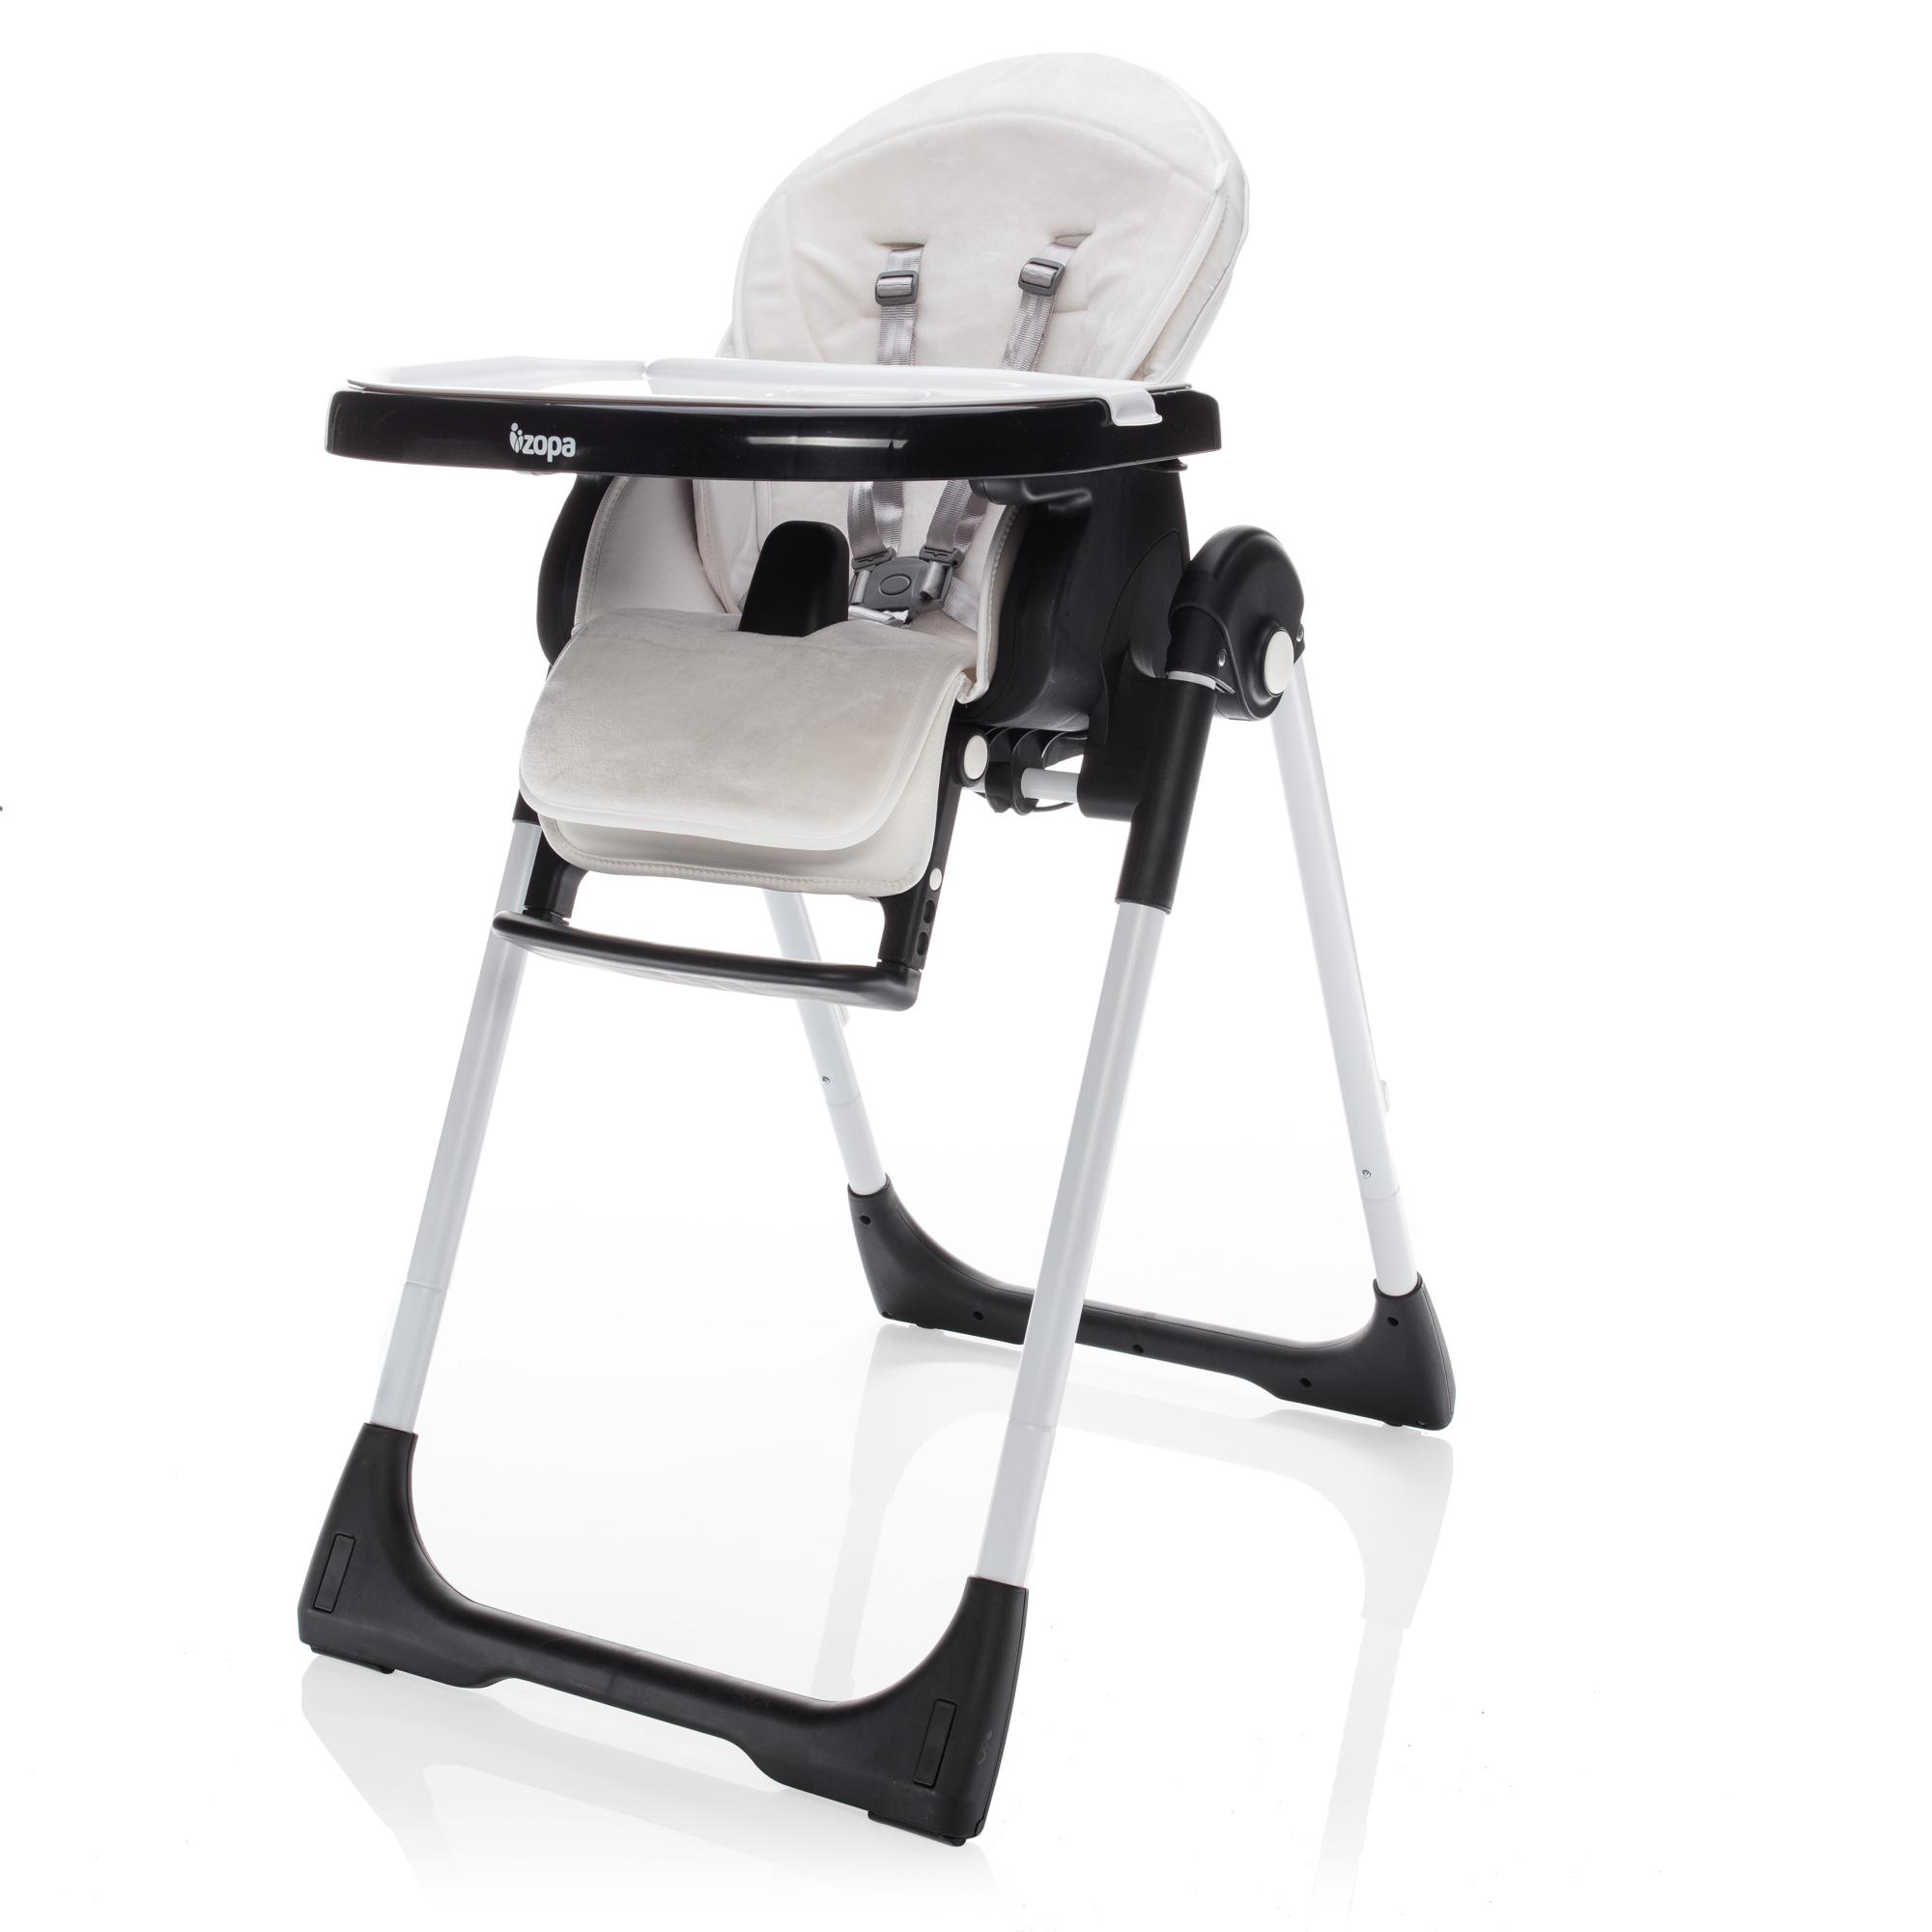 Dětská jídelní židlička Zopa Ivolia - Blacky White